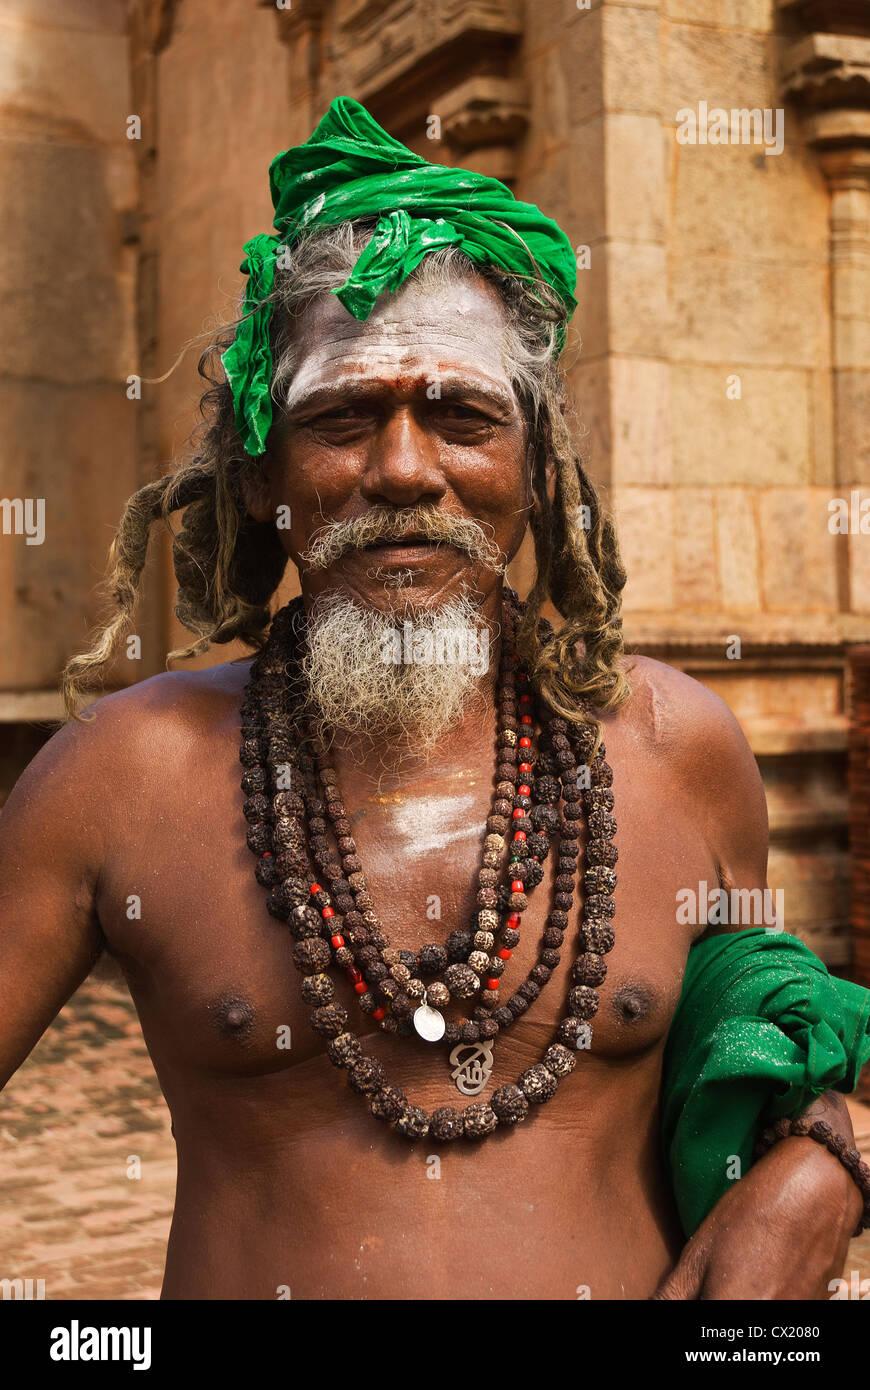 Elk201-4808v India, Tamil Nadu, Thanjavur, Brihadishwara Temple, sadhu (holy man) - Stock Image